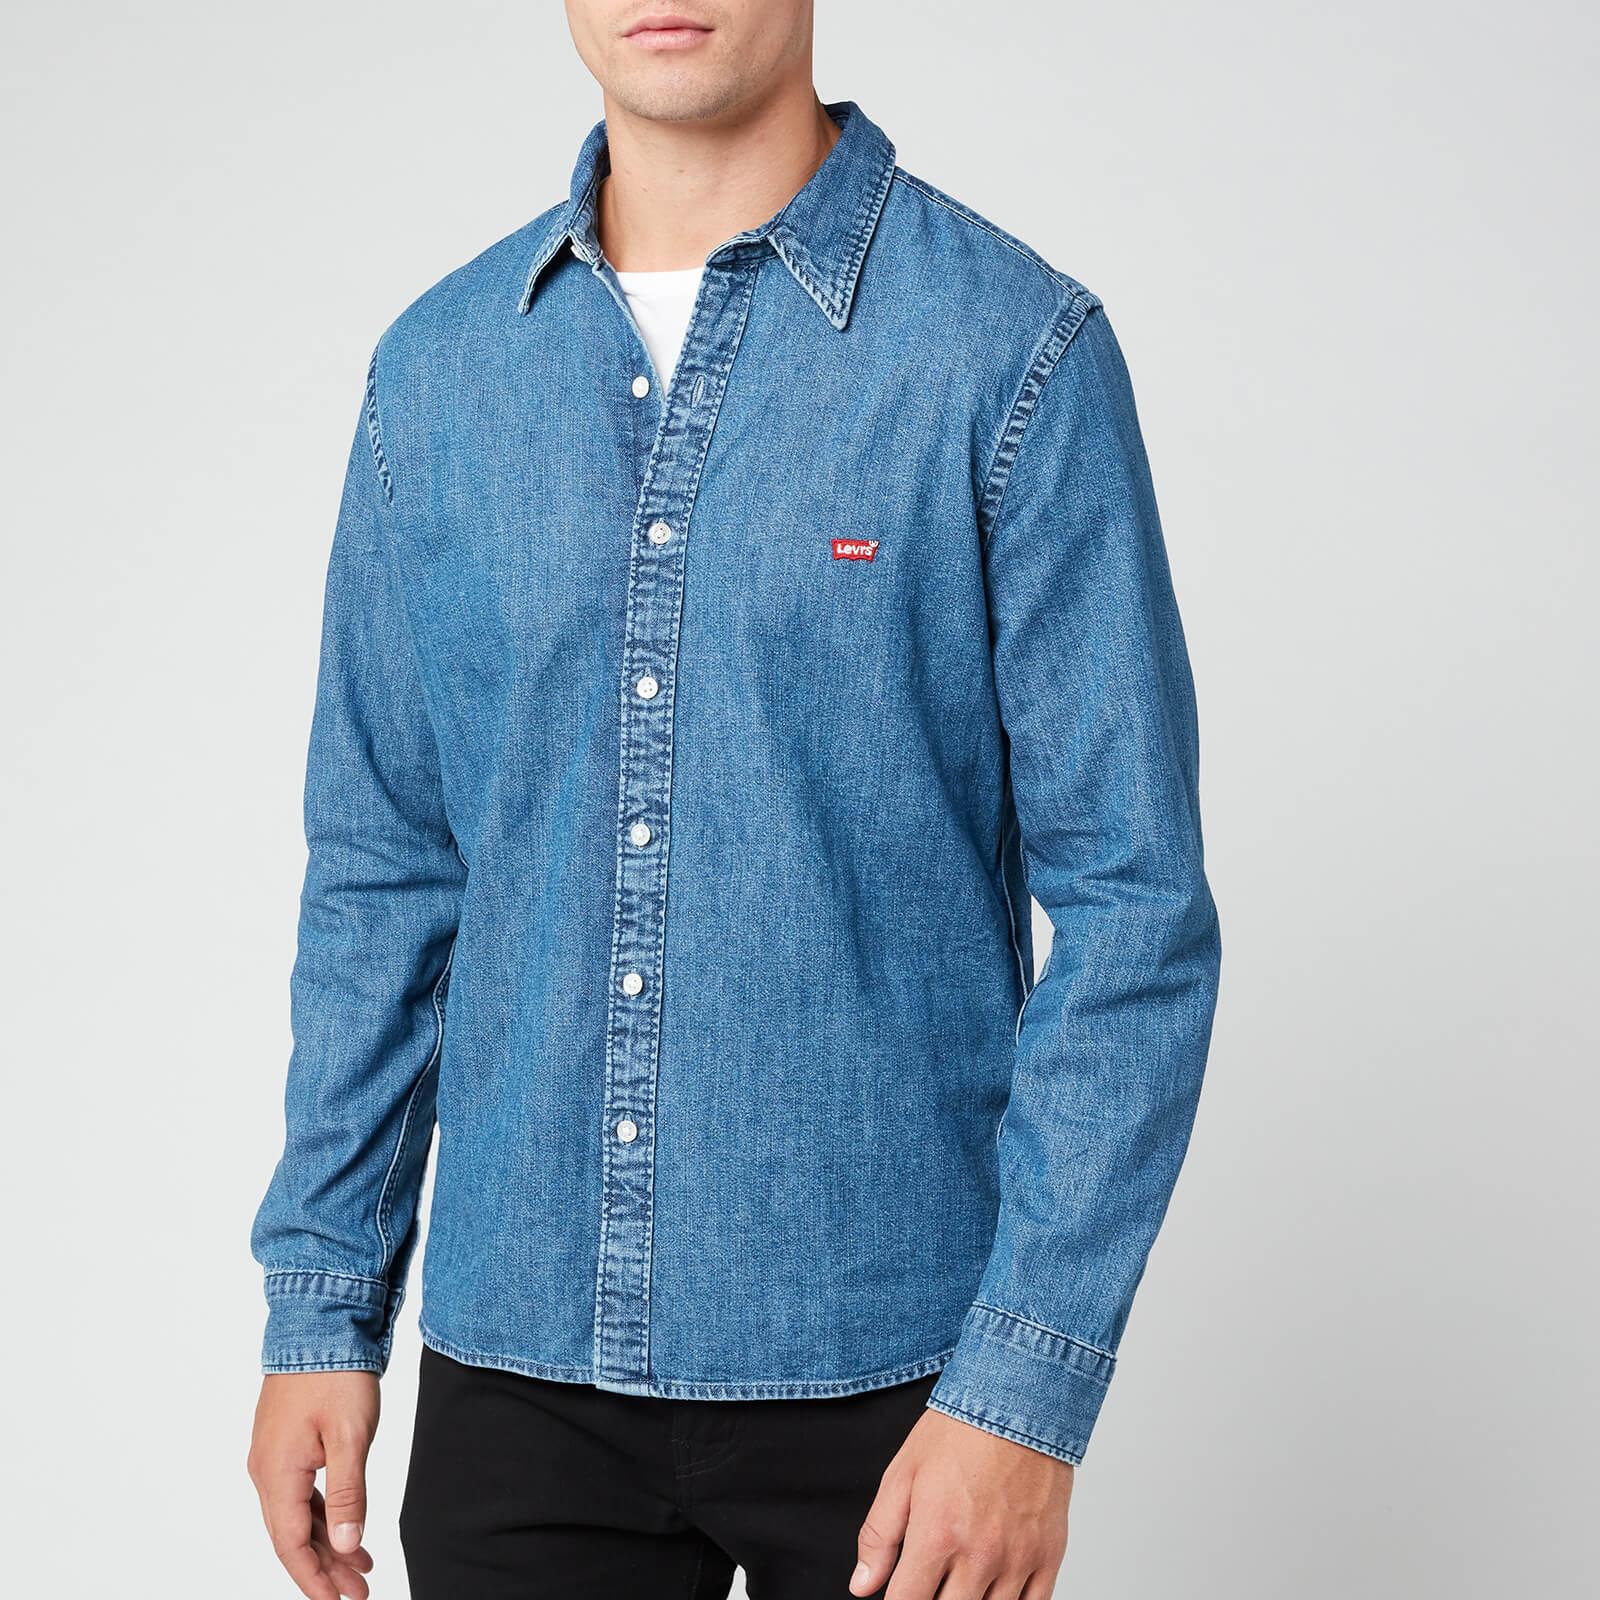 Levi's s Battery Housemark Denim Shirt - Redcast Stone - S